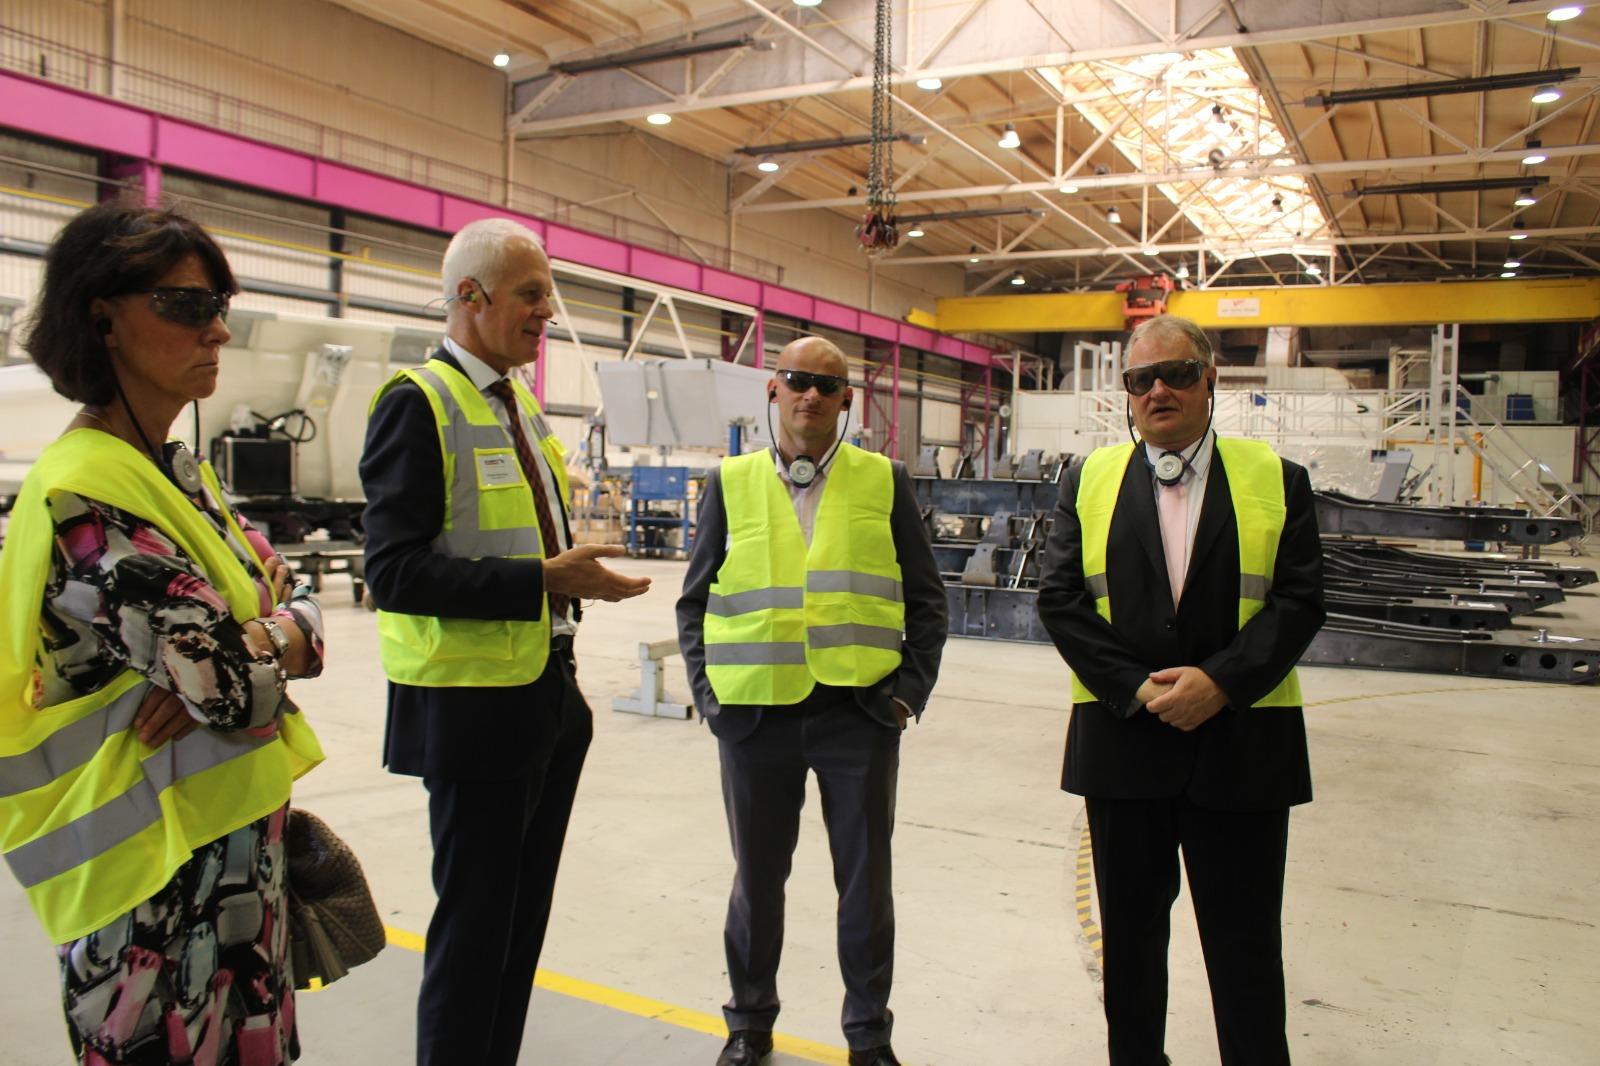 Rundgang bei der Schmitz Cargo Bull GmbH mit dem Geschäftsführer Ekhard Klomfass und Matthias Anschütz